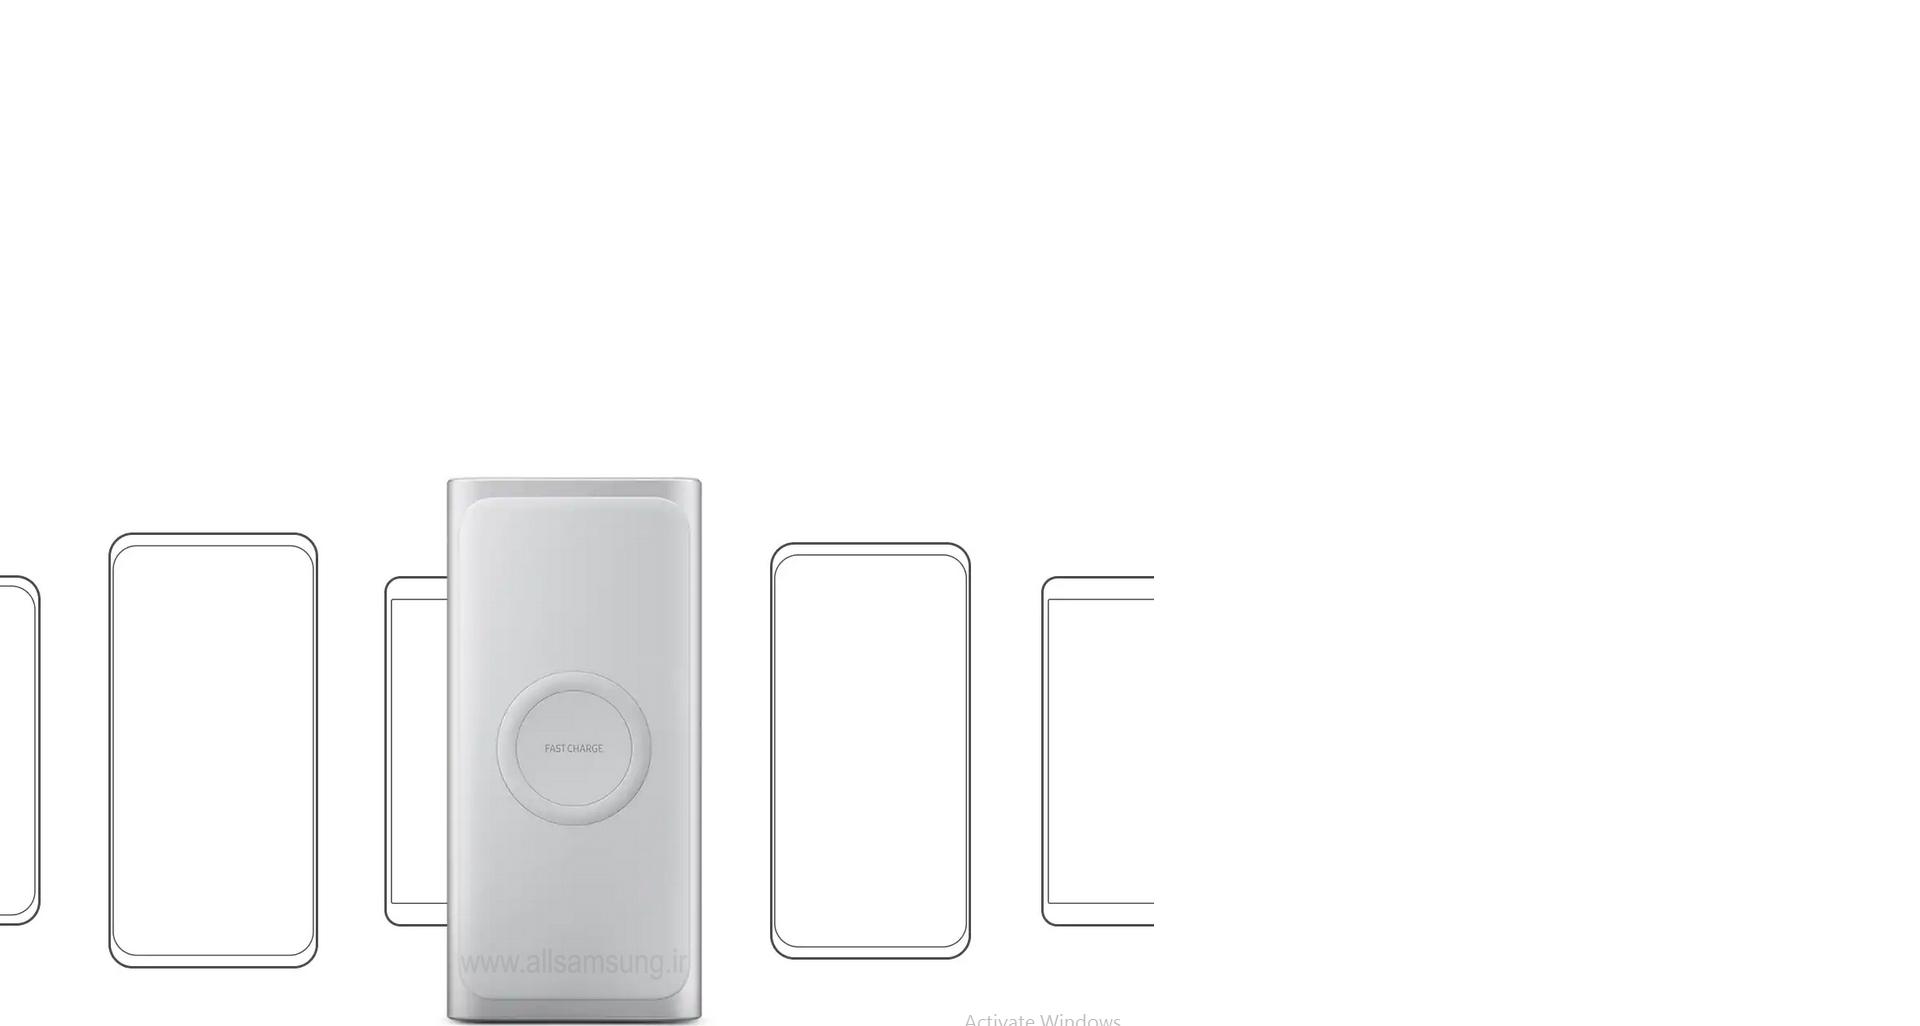 شارژر باتری سامسونگ سازگار با دستگاه های دارای قابلیت پشتیبانی از Qi